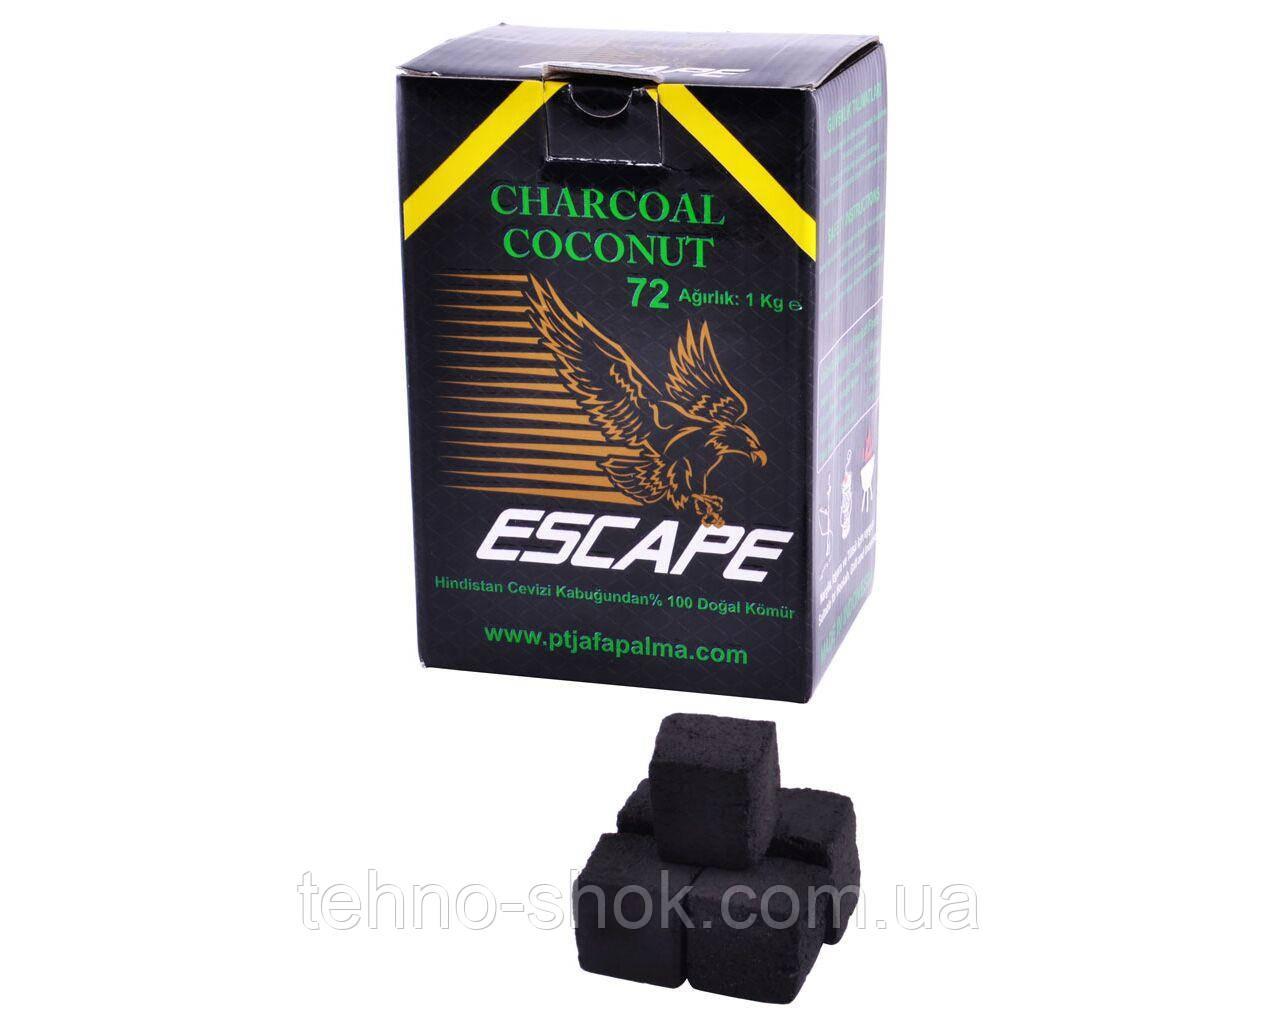 Уголь для кальяна кокосовый COCO-1 Escape 1кг (72 кубика)